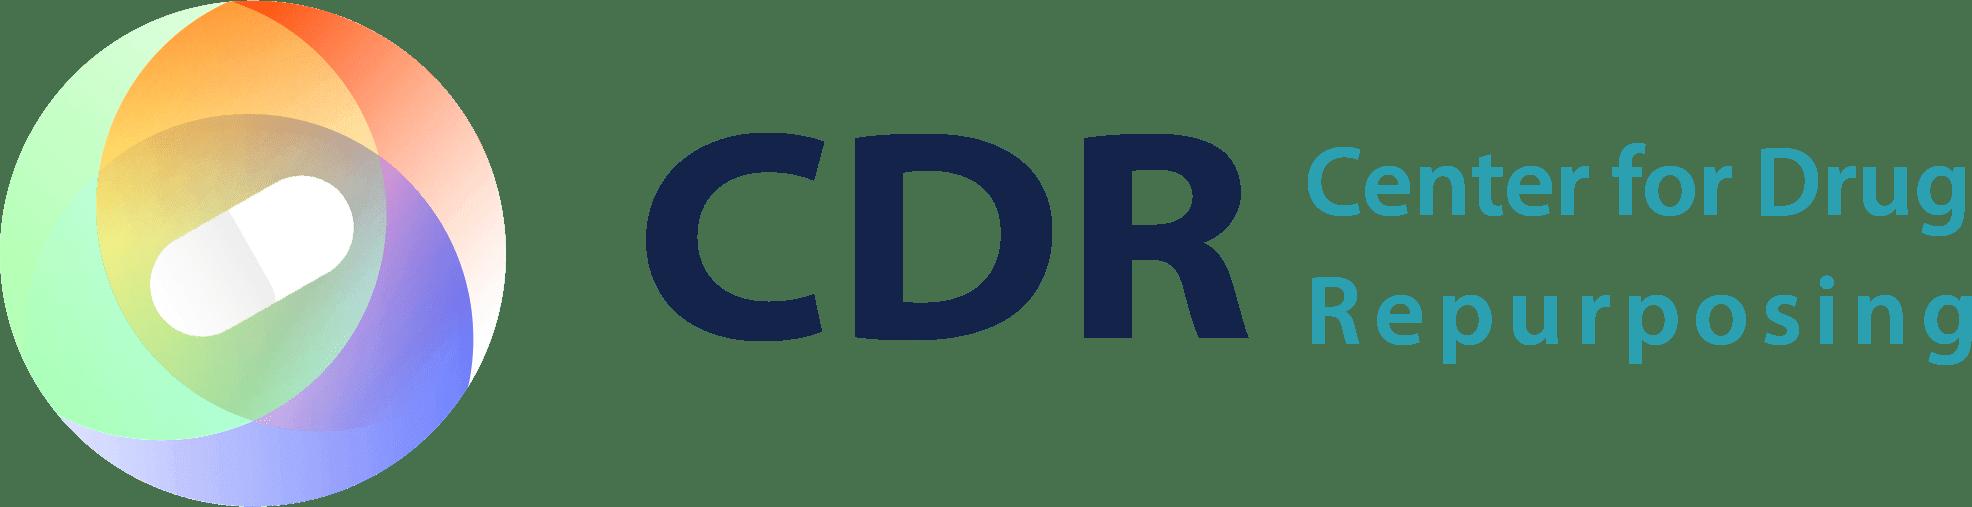 Center for Drug Repurposing